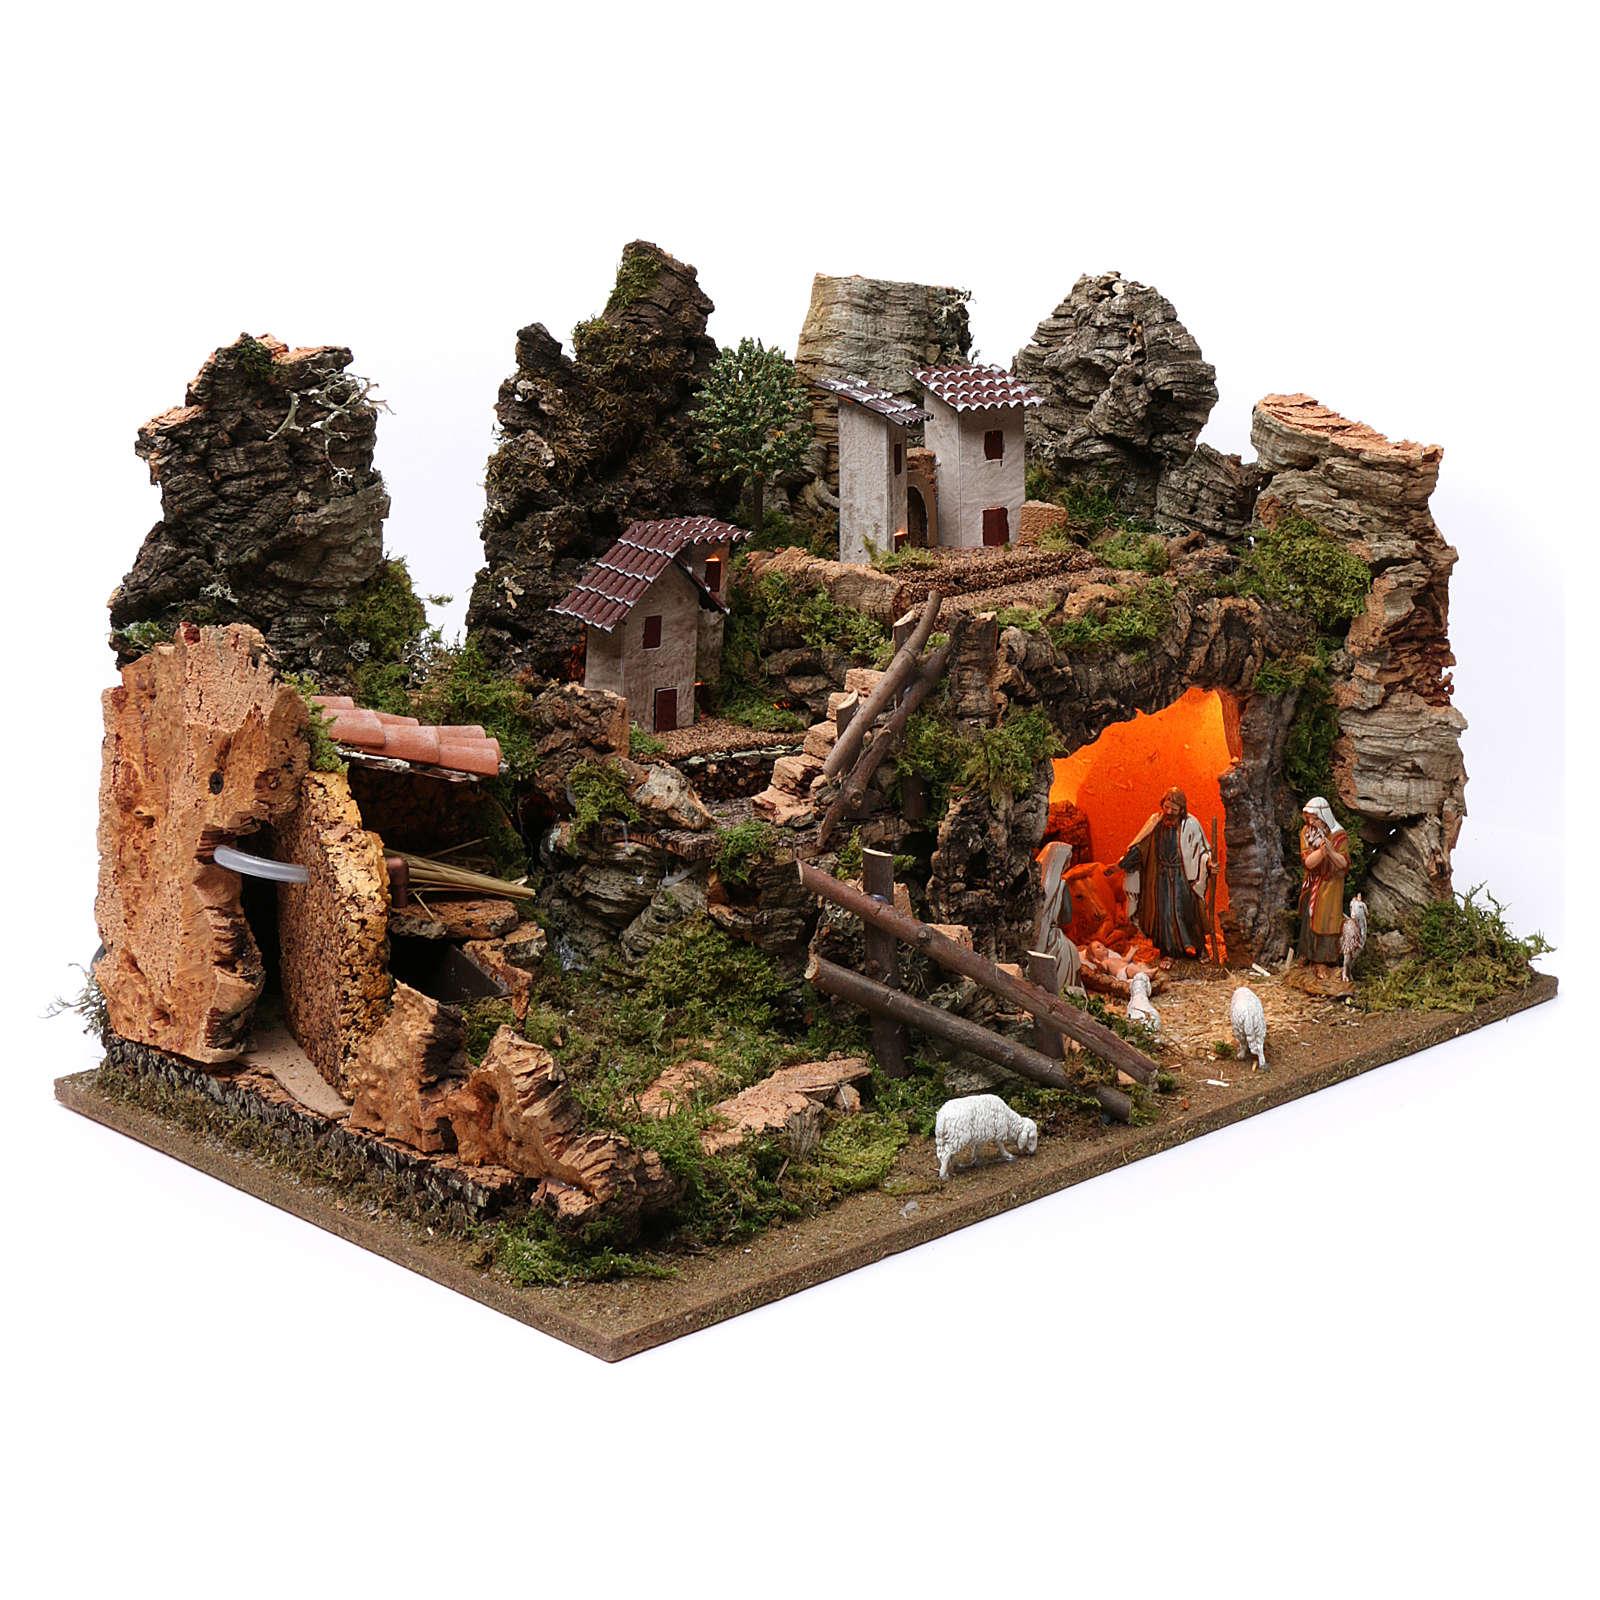 Pueblo para Belén de Navidad con fuente, luces, casas y figuras 8 cm altura media, 35x60x40 cm 4